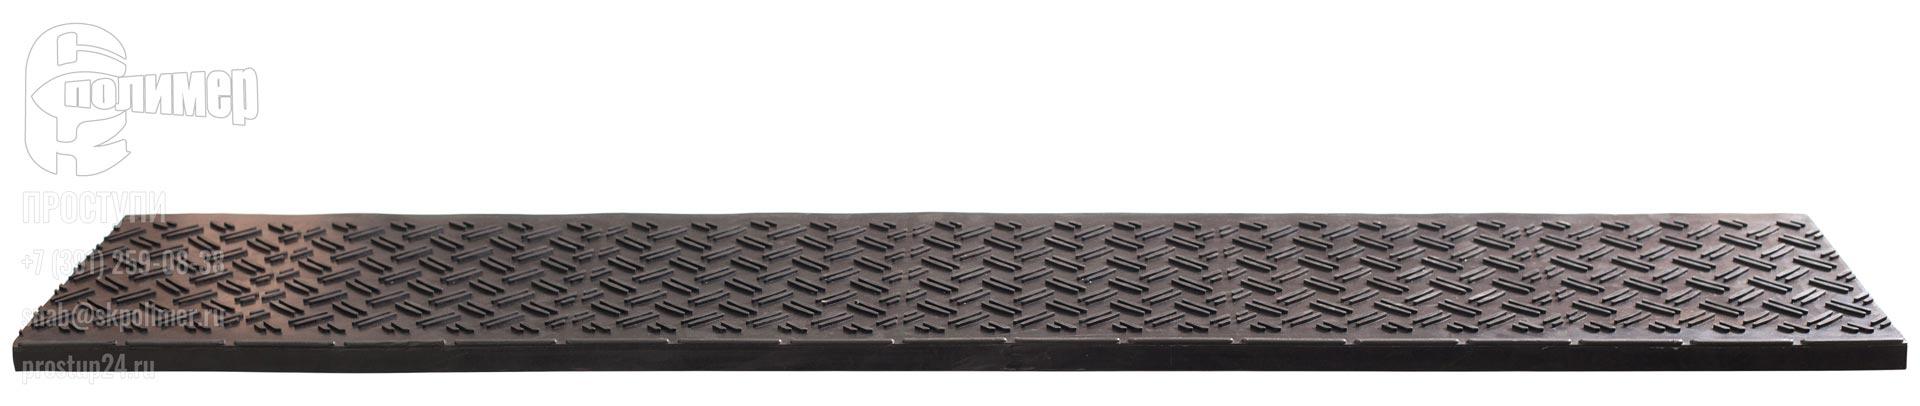 длинная проступь 1400, лестничная накладка на ступень